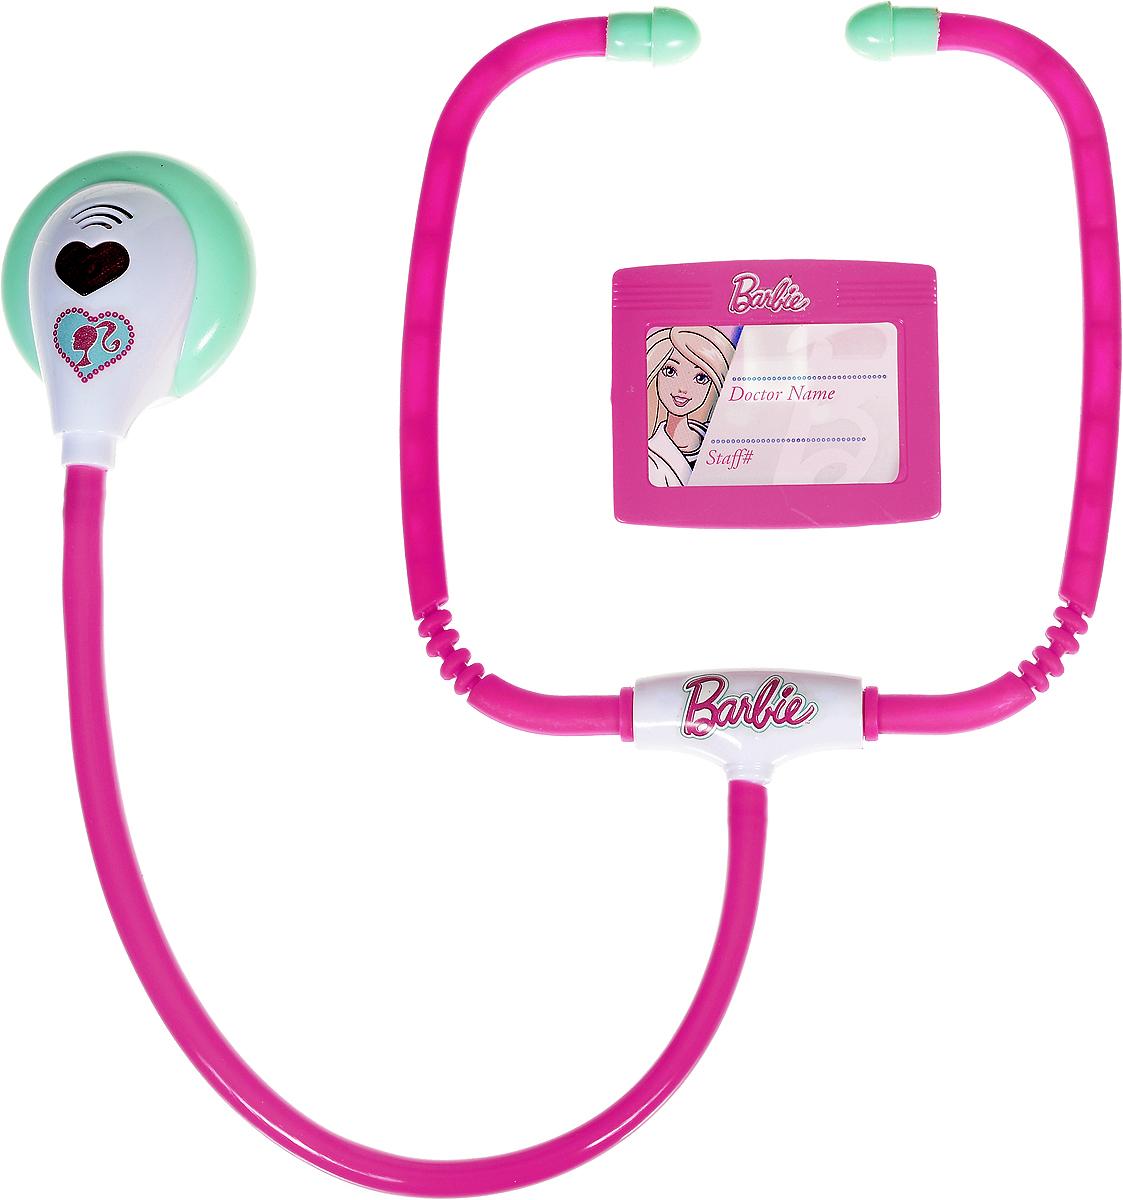 Corpa Игровой набор Юный доктор Barbie 2 предметаD121CИгровой набор Corpa Юный доктор Barbie - это замечательный подарок для вашей девочки, которая сможет почувствовать себя настоящим врачом. В набор входит: стетоскоп - это медицинский инструмент, с помощью которого ваша дочурка сможет послушать ритм сердца и дыхания своих пациентов и бейдж - совсем как у настоящего врача. С таким набором ваша малышка сможет примерить на себя сложнейшую, но очень интересную профессию доктора и даже стать настоящим специалистом в области здравоохранения, оказывая медицинскую помощь любимым игрушкам. Все инструменты исключительно безопасны, выполнены из прочных материалов и оснащены звуковыми и световыми эффектами. Для работы стетоскопа потребуются 2 батарейки типа AG13 (товар комплектуется демонстрационными).